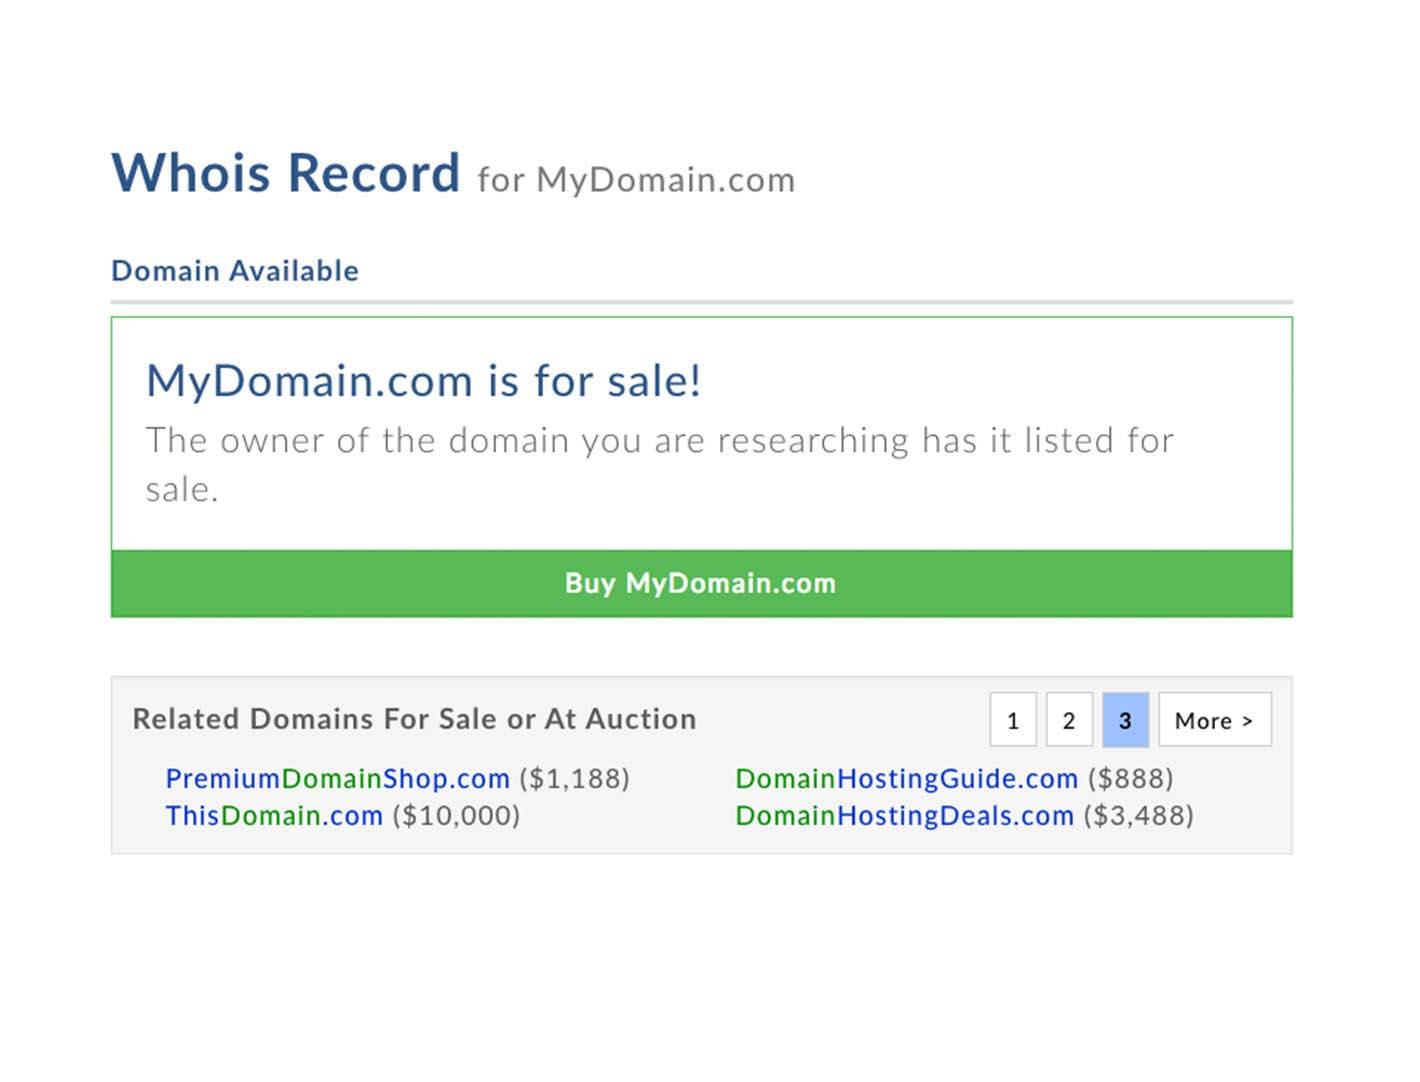 Domain sales status